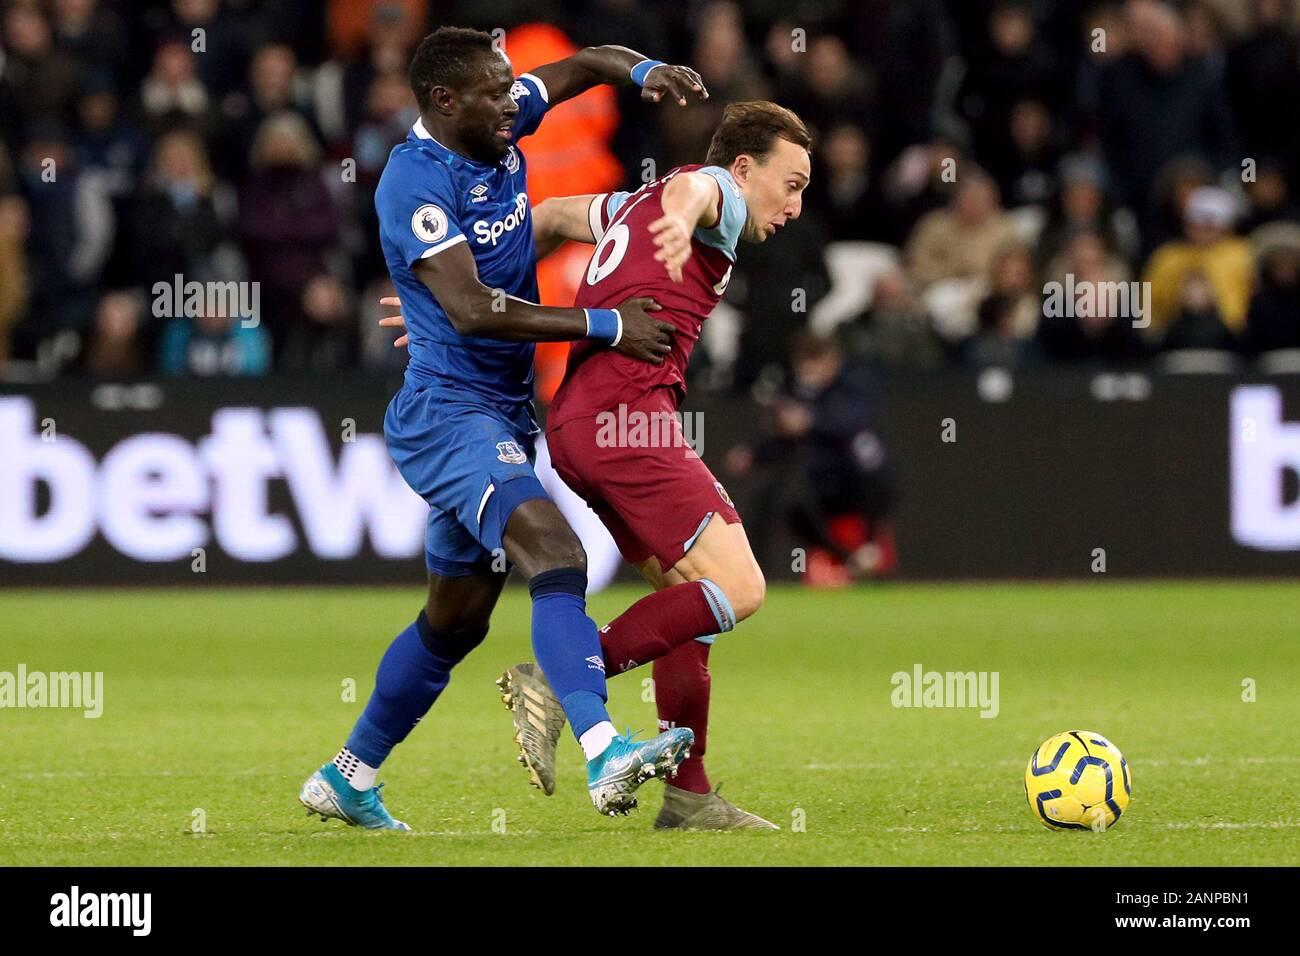 Everton's Oumar Niasse (izquierda) y West Ham United's Mark noble batalla por el balón durante el primer encuentro de Liga en el estadio de Londres. Foto de stock